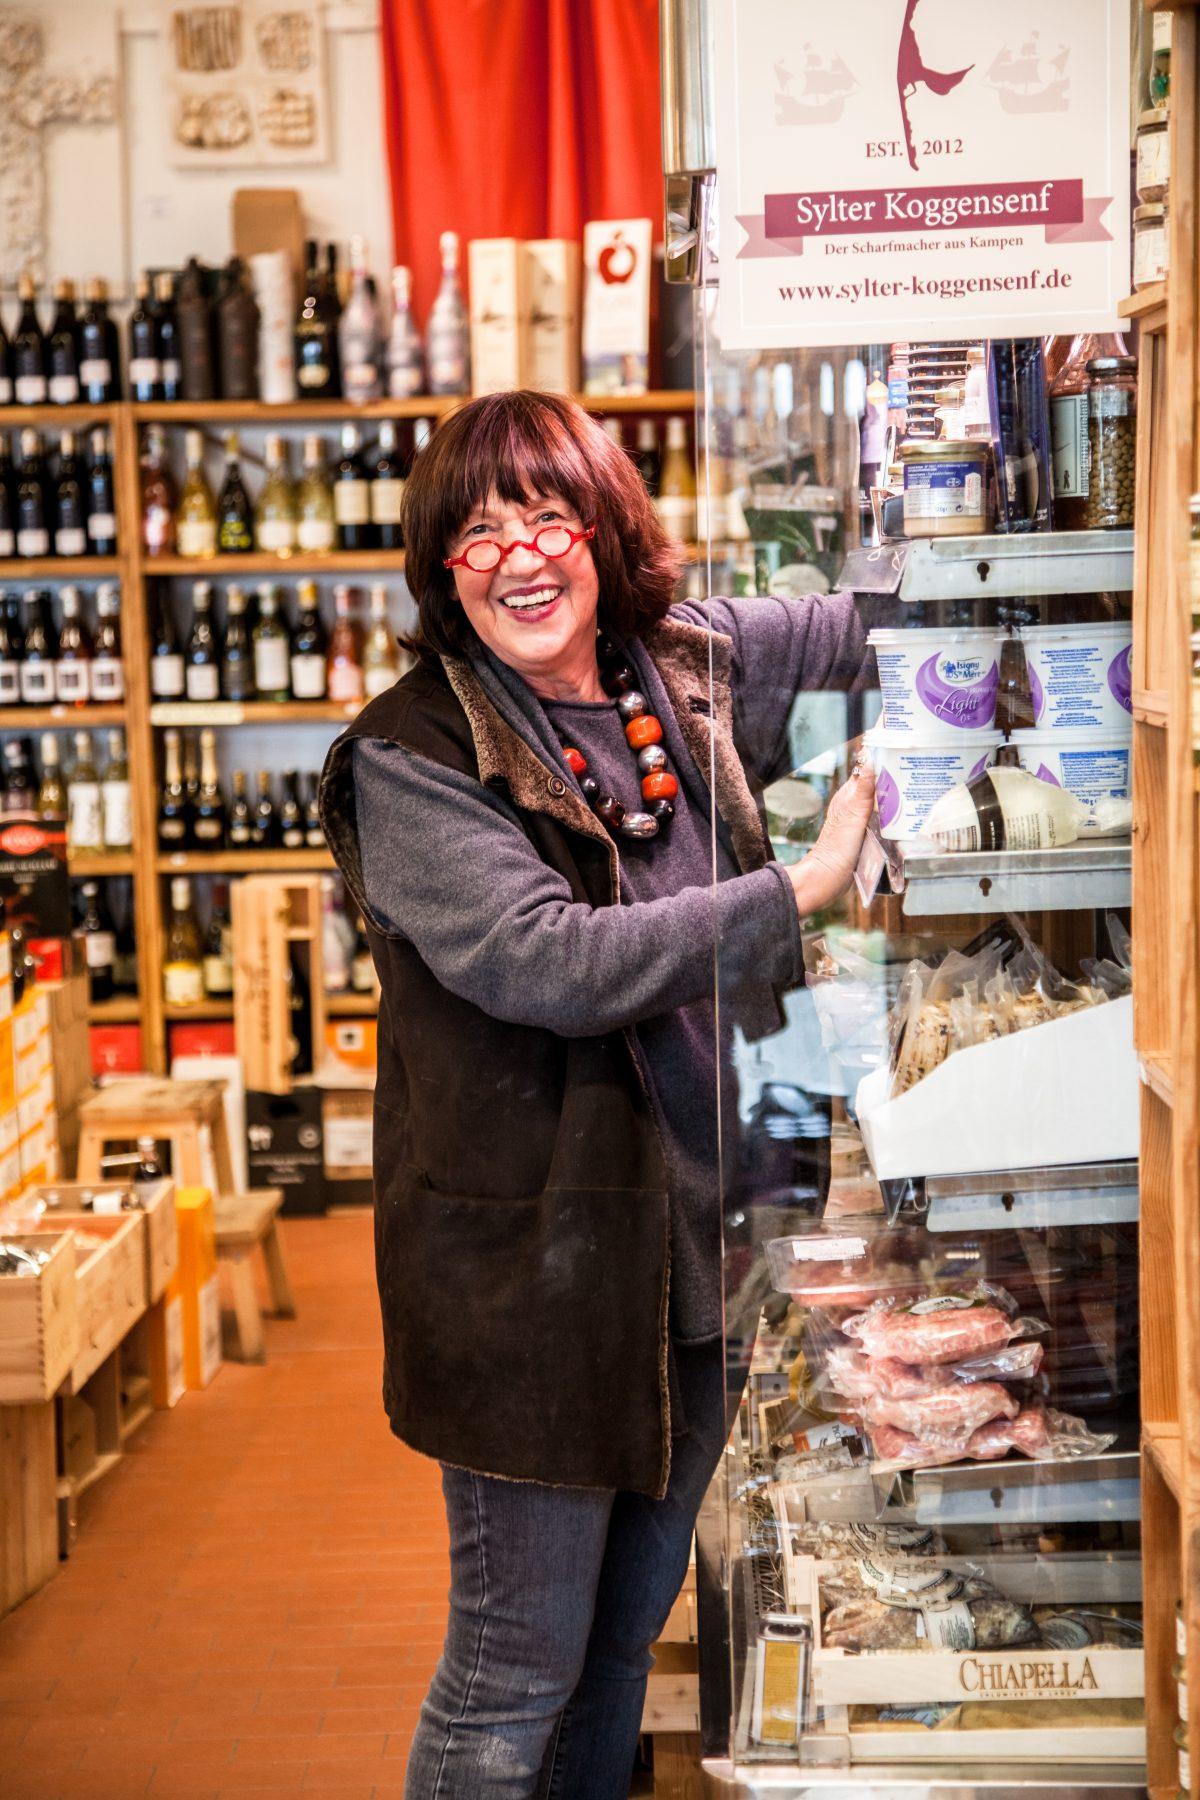 Feinkost auf Sylt / Vino Vin in Tinnum: Komm' mit auf eine kulinarische Reise um die Welt!